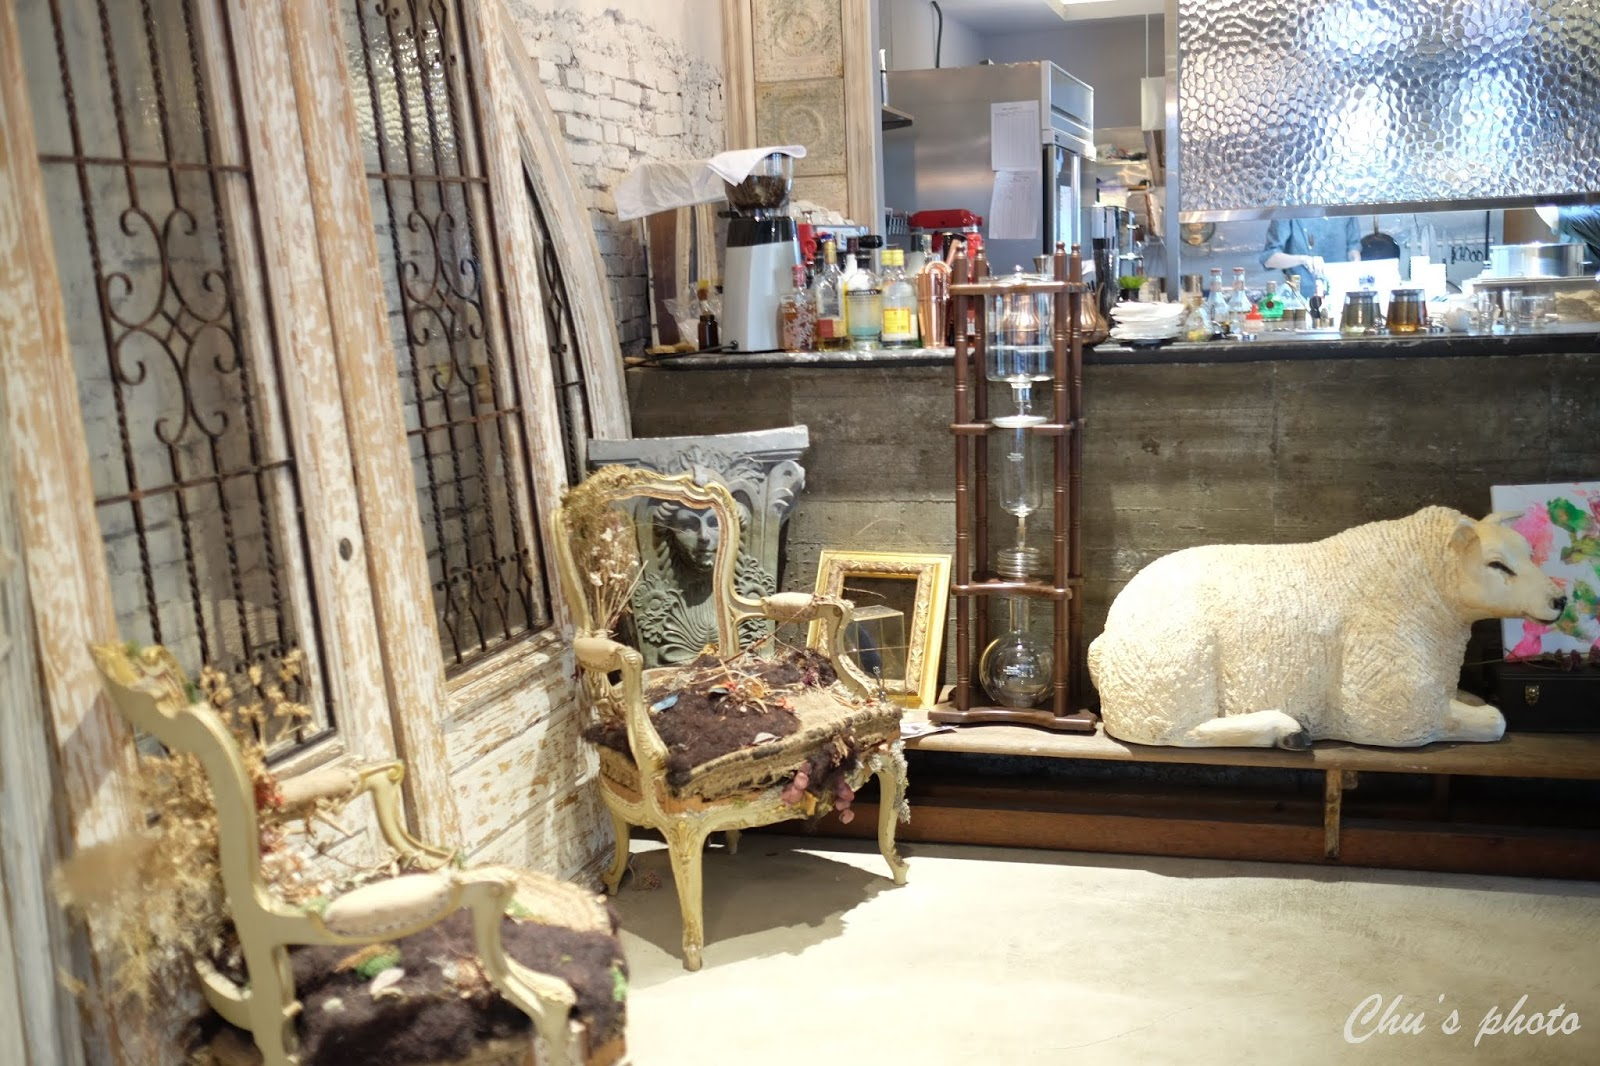 [臺北美食] 舒服氣息Truffles Aroma- 瀰漫歐洲古老典雅氣息的精緻餐館 - 存影成癮 · 關於旅行和生活